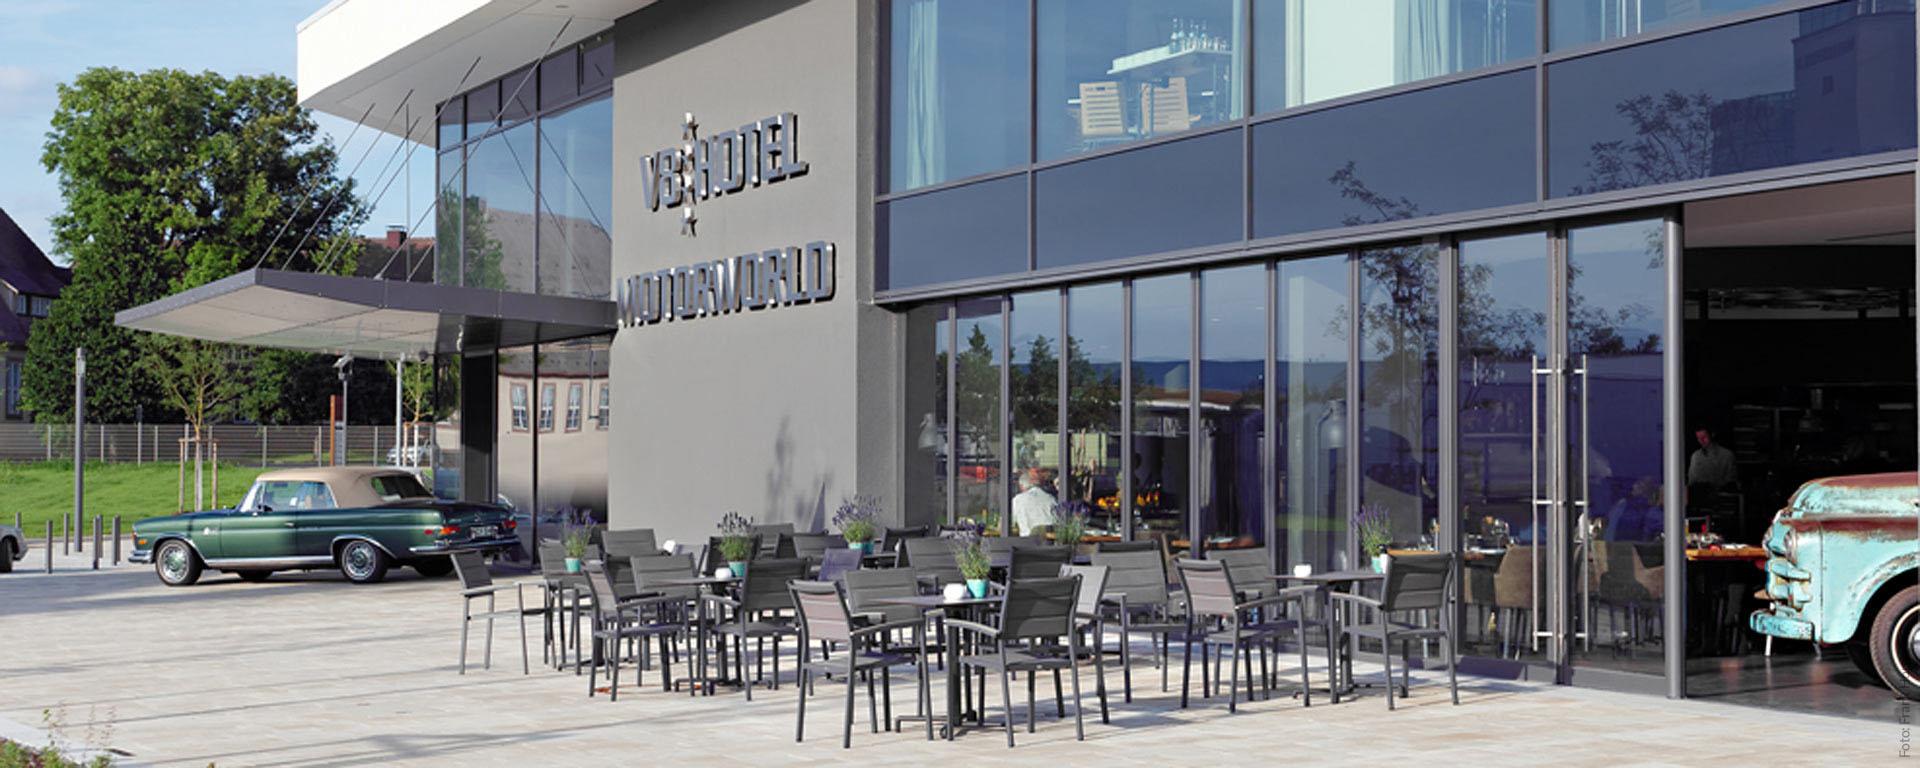 Wo ist was los? Kommen Sie ins V8! Die Veranstaltungen & Events im V8 HOTEL Restaurant & Bar in Böblingen/ Sindelfingen/ Region Stuttgart.